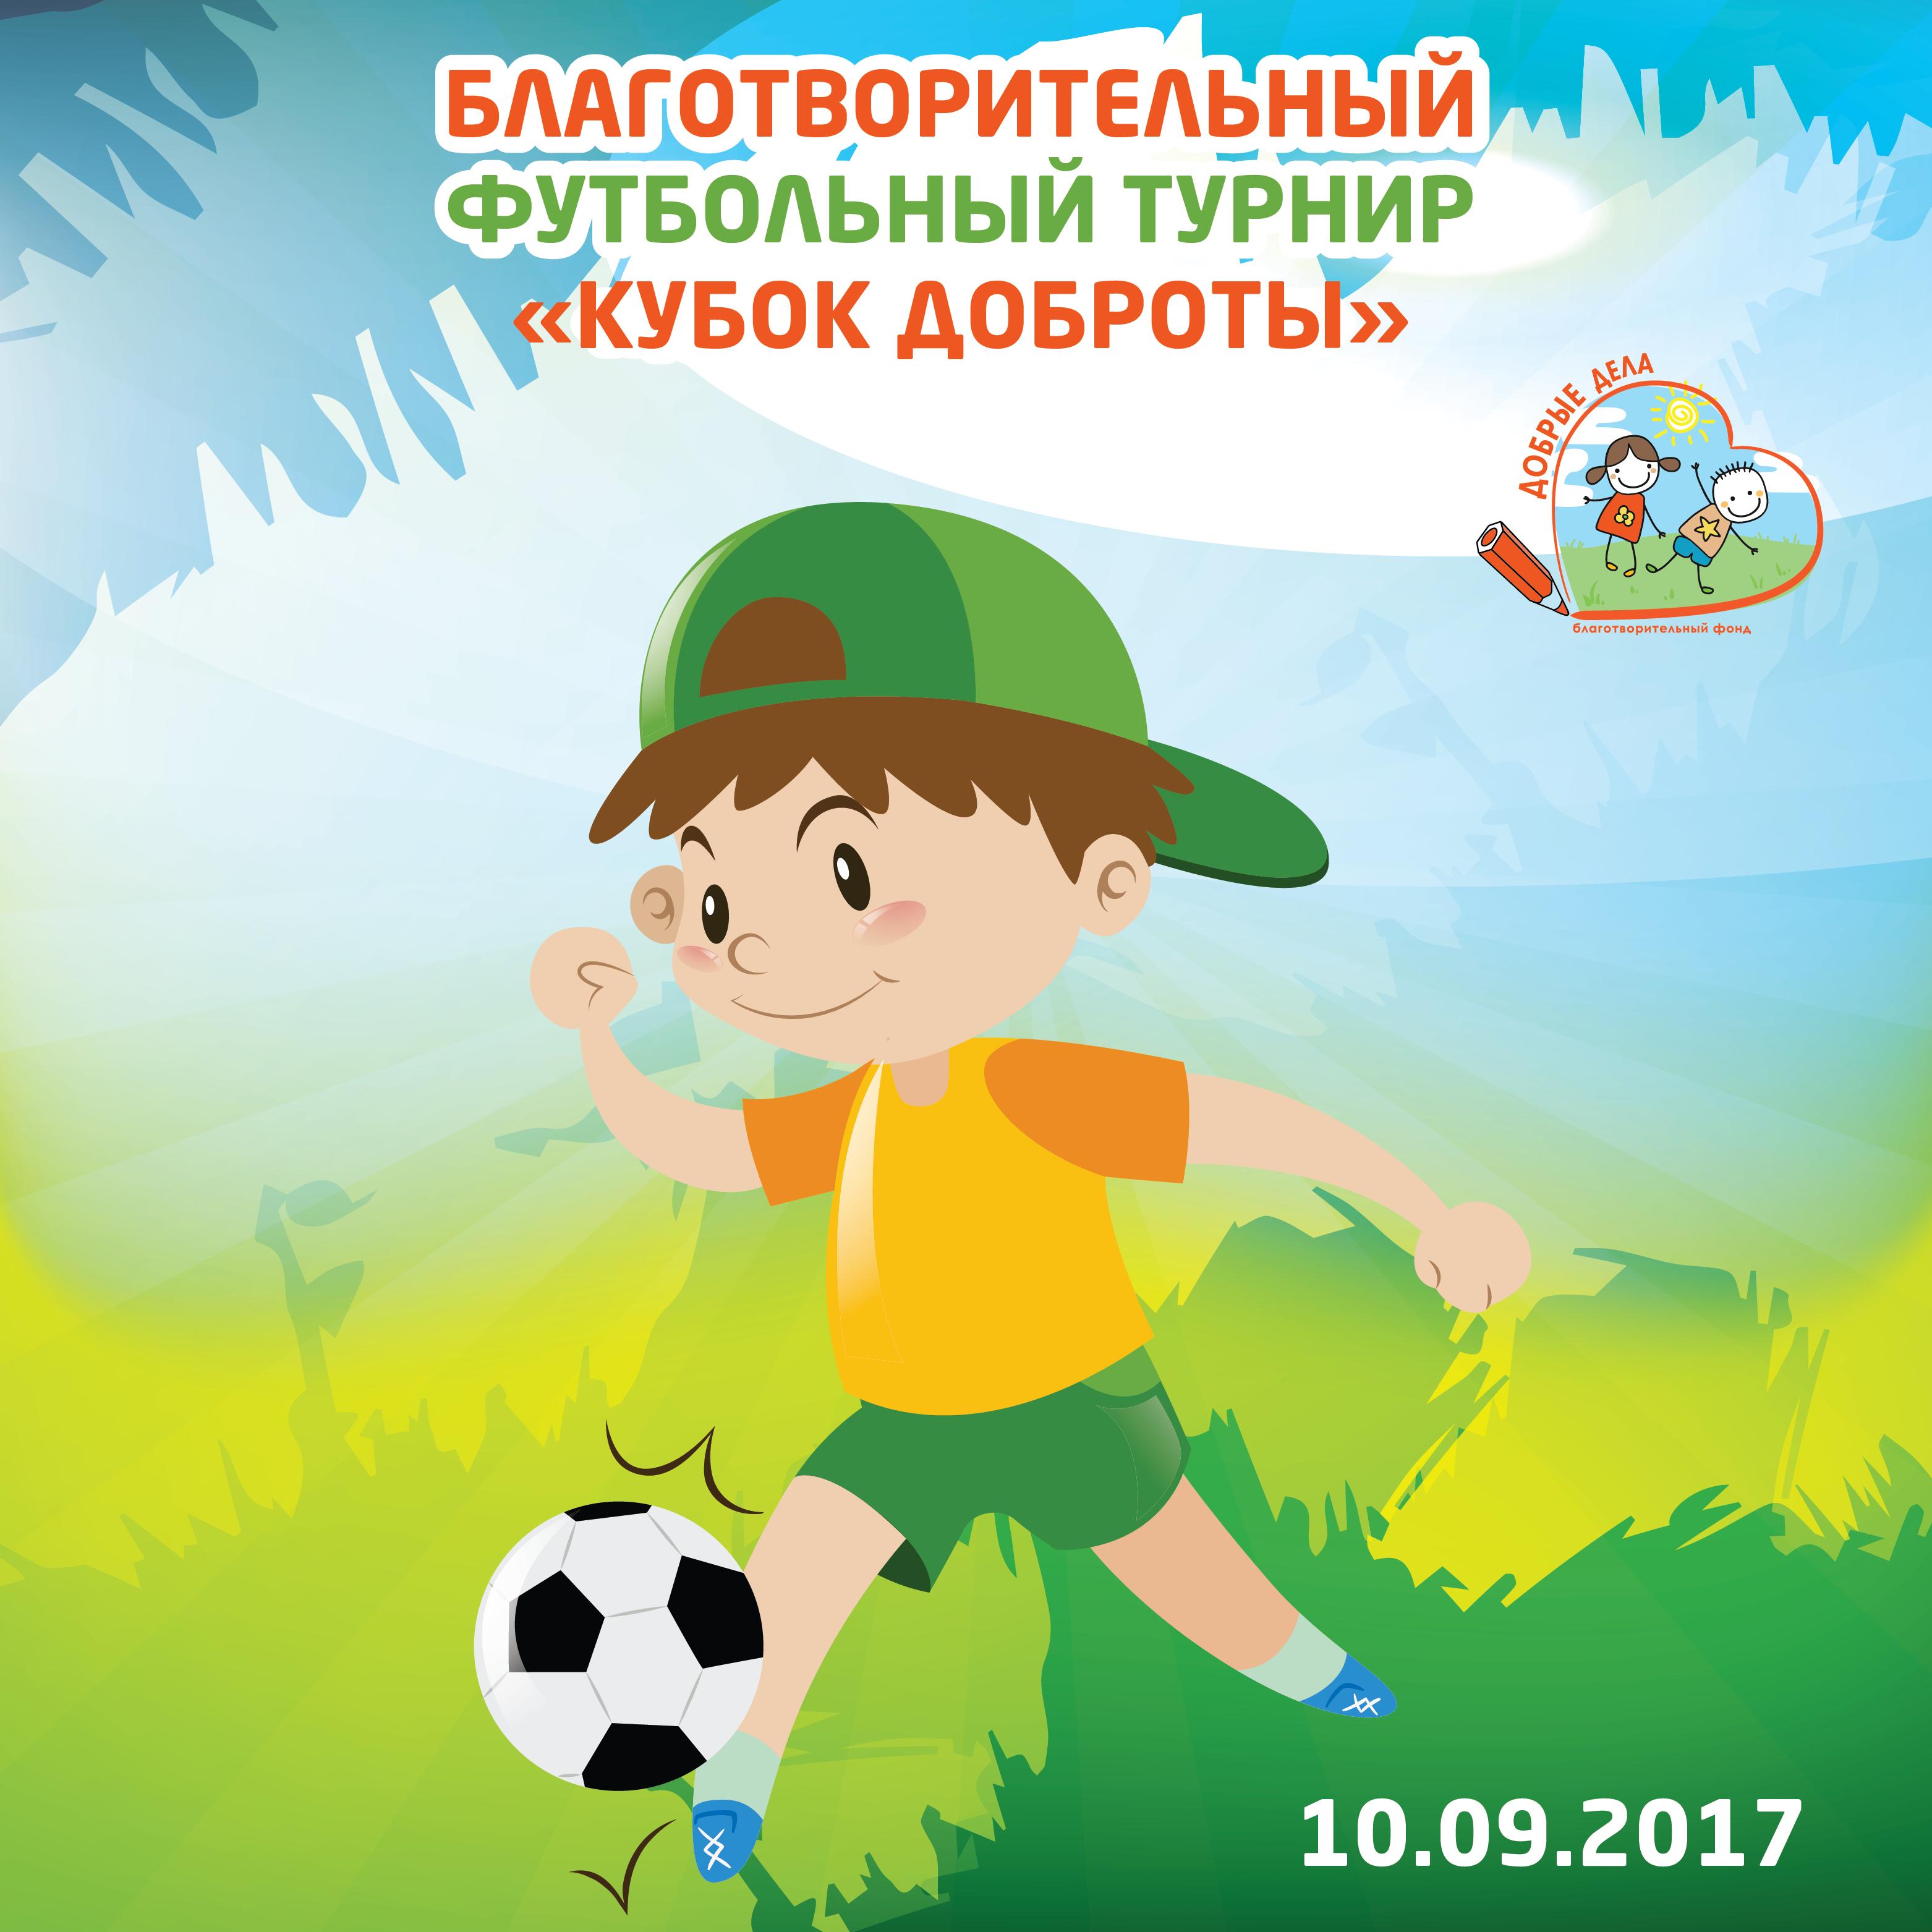 Детский благотворительный футбольный турнир «Кубок доброты»